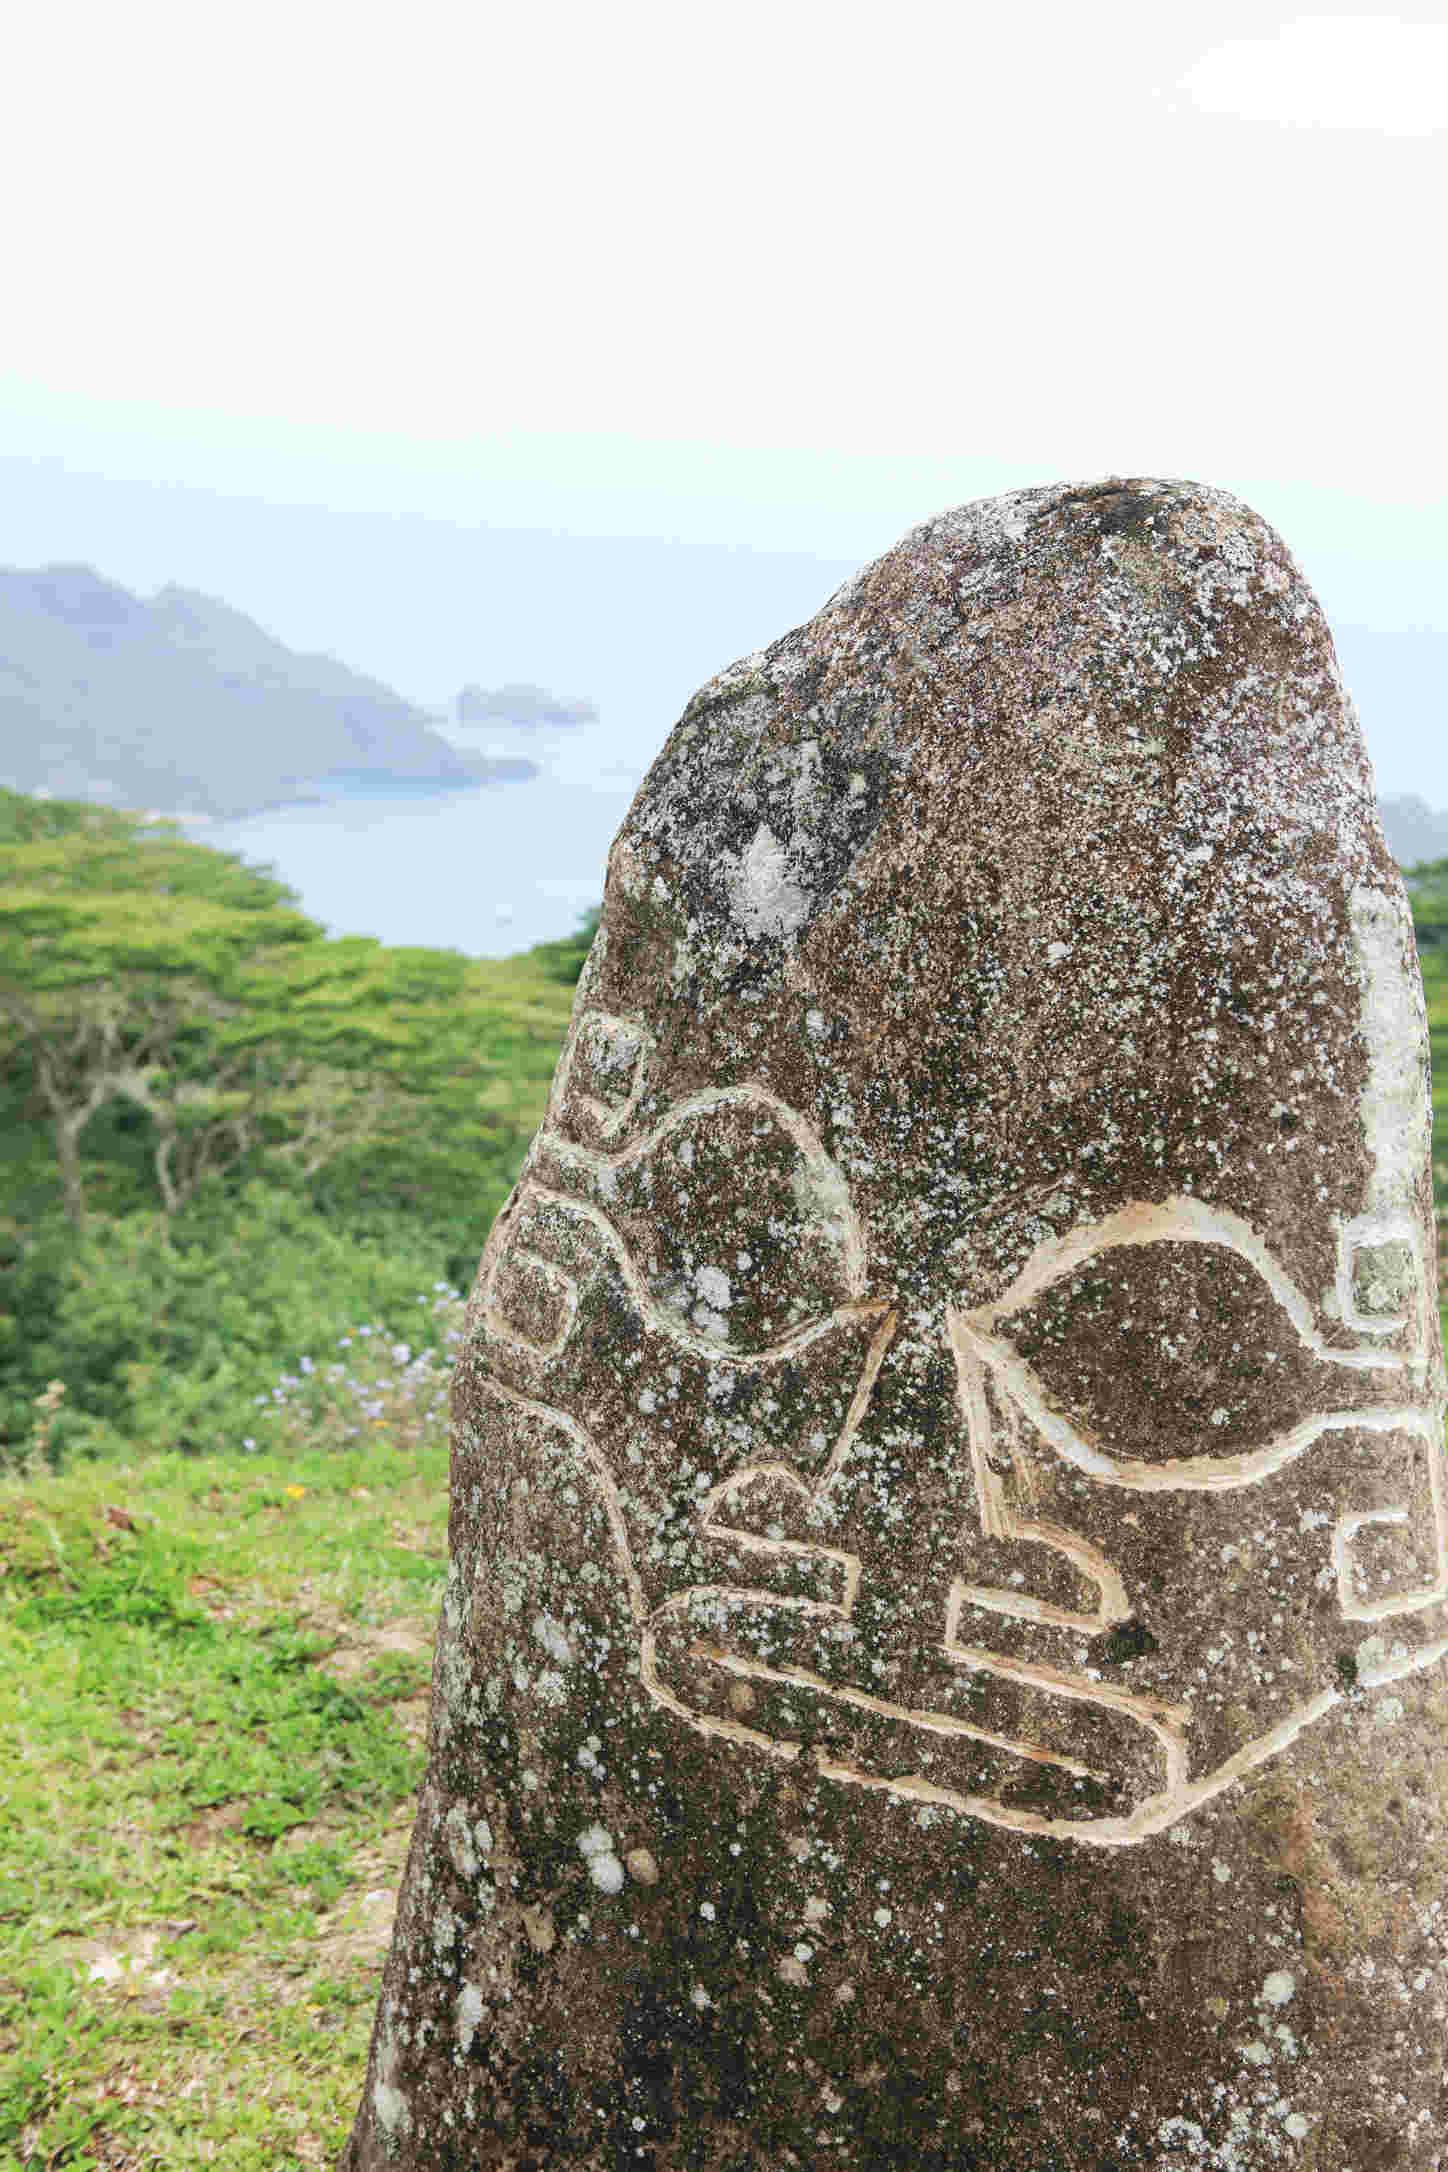 https://tahititourisme.fr/wp-content/uploads/2020/06/P2_12_Nuku-Hiva_750A1765_©-Tahiti-Tourisme-1.jpg